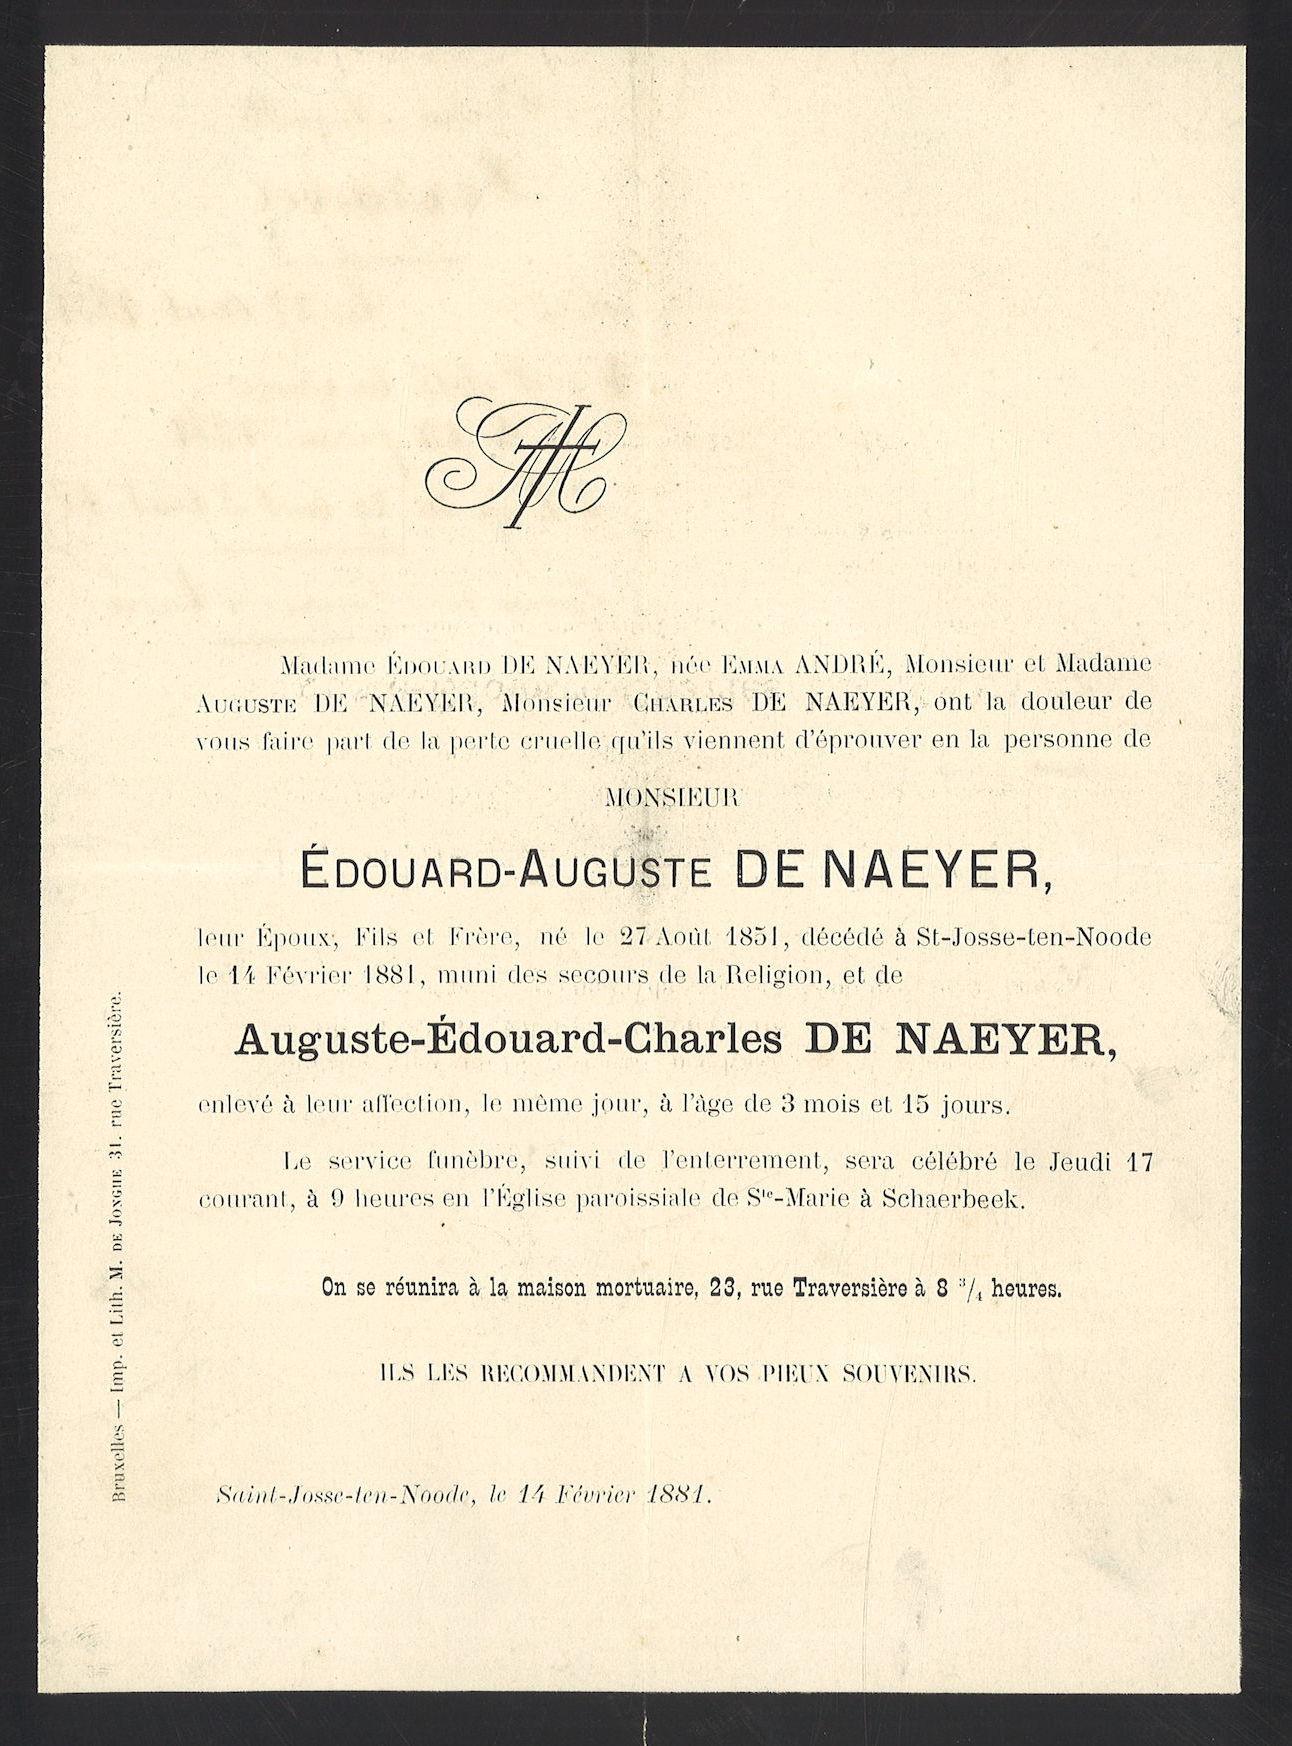 Edouard-Auguste De Nayer